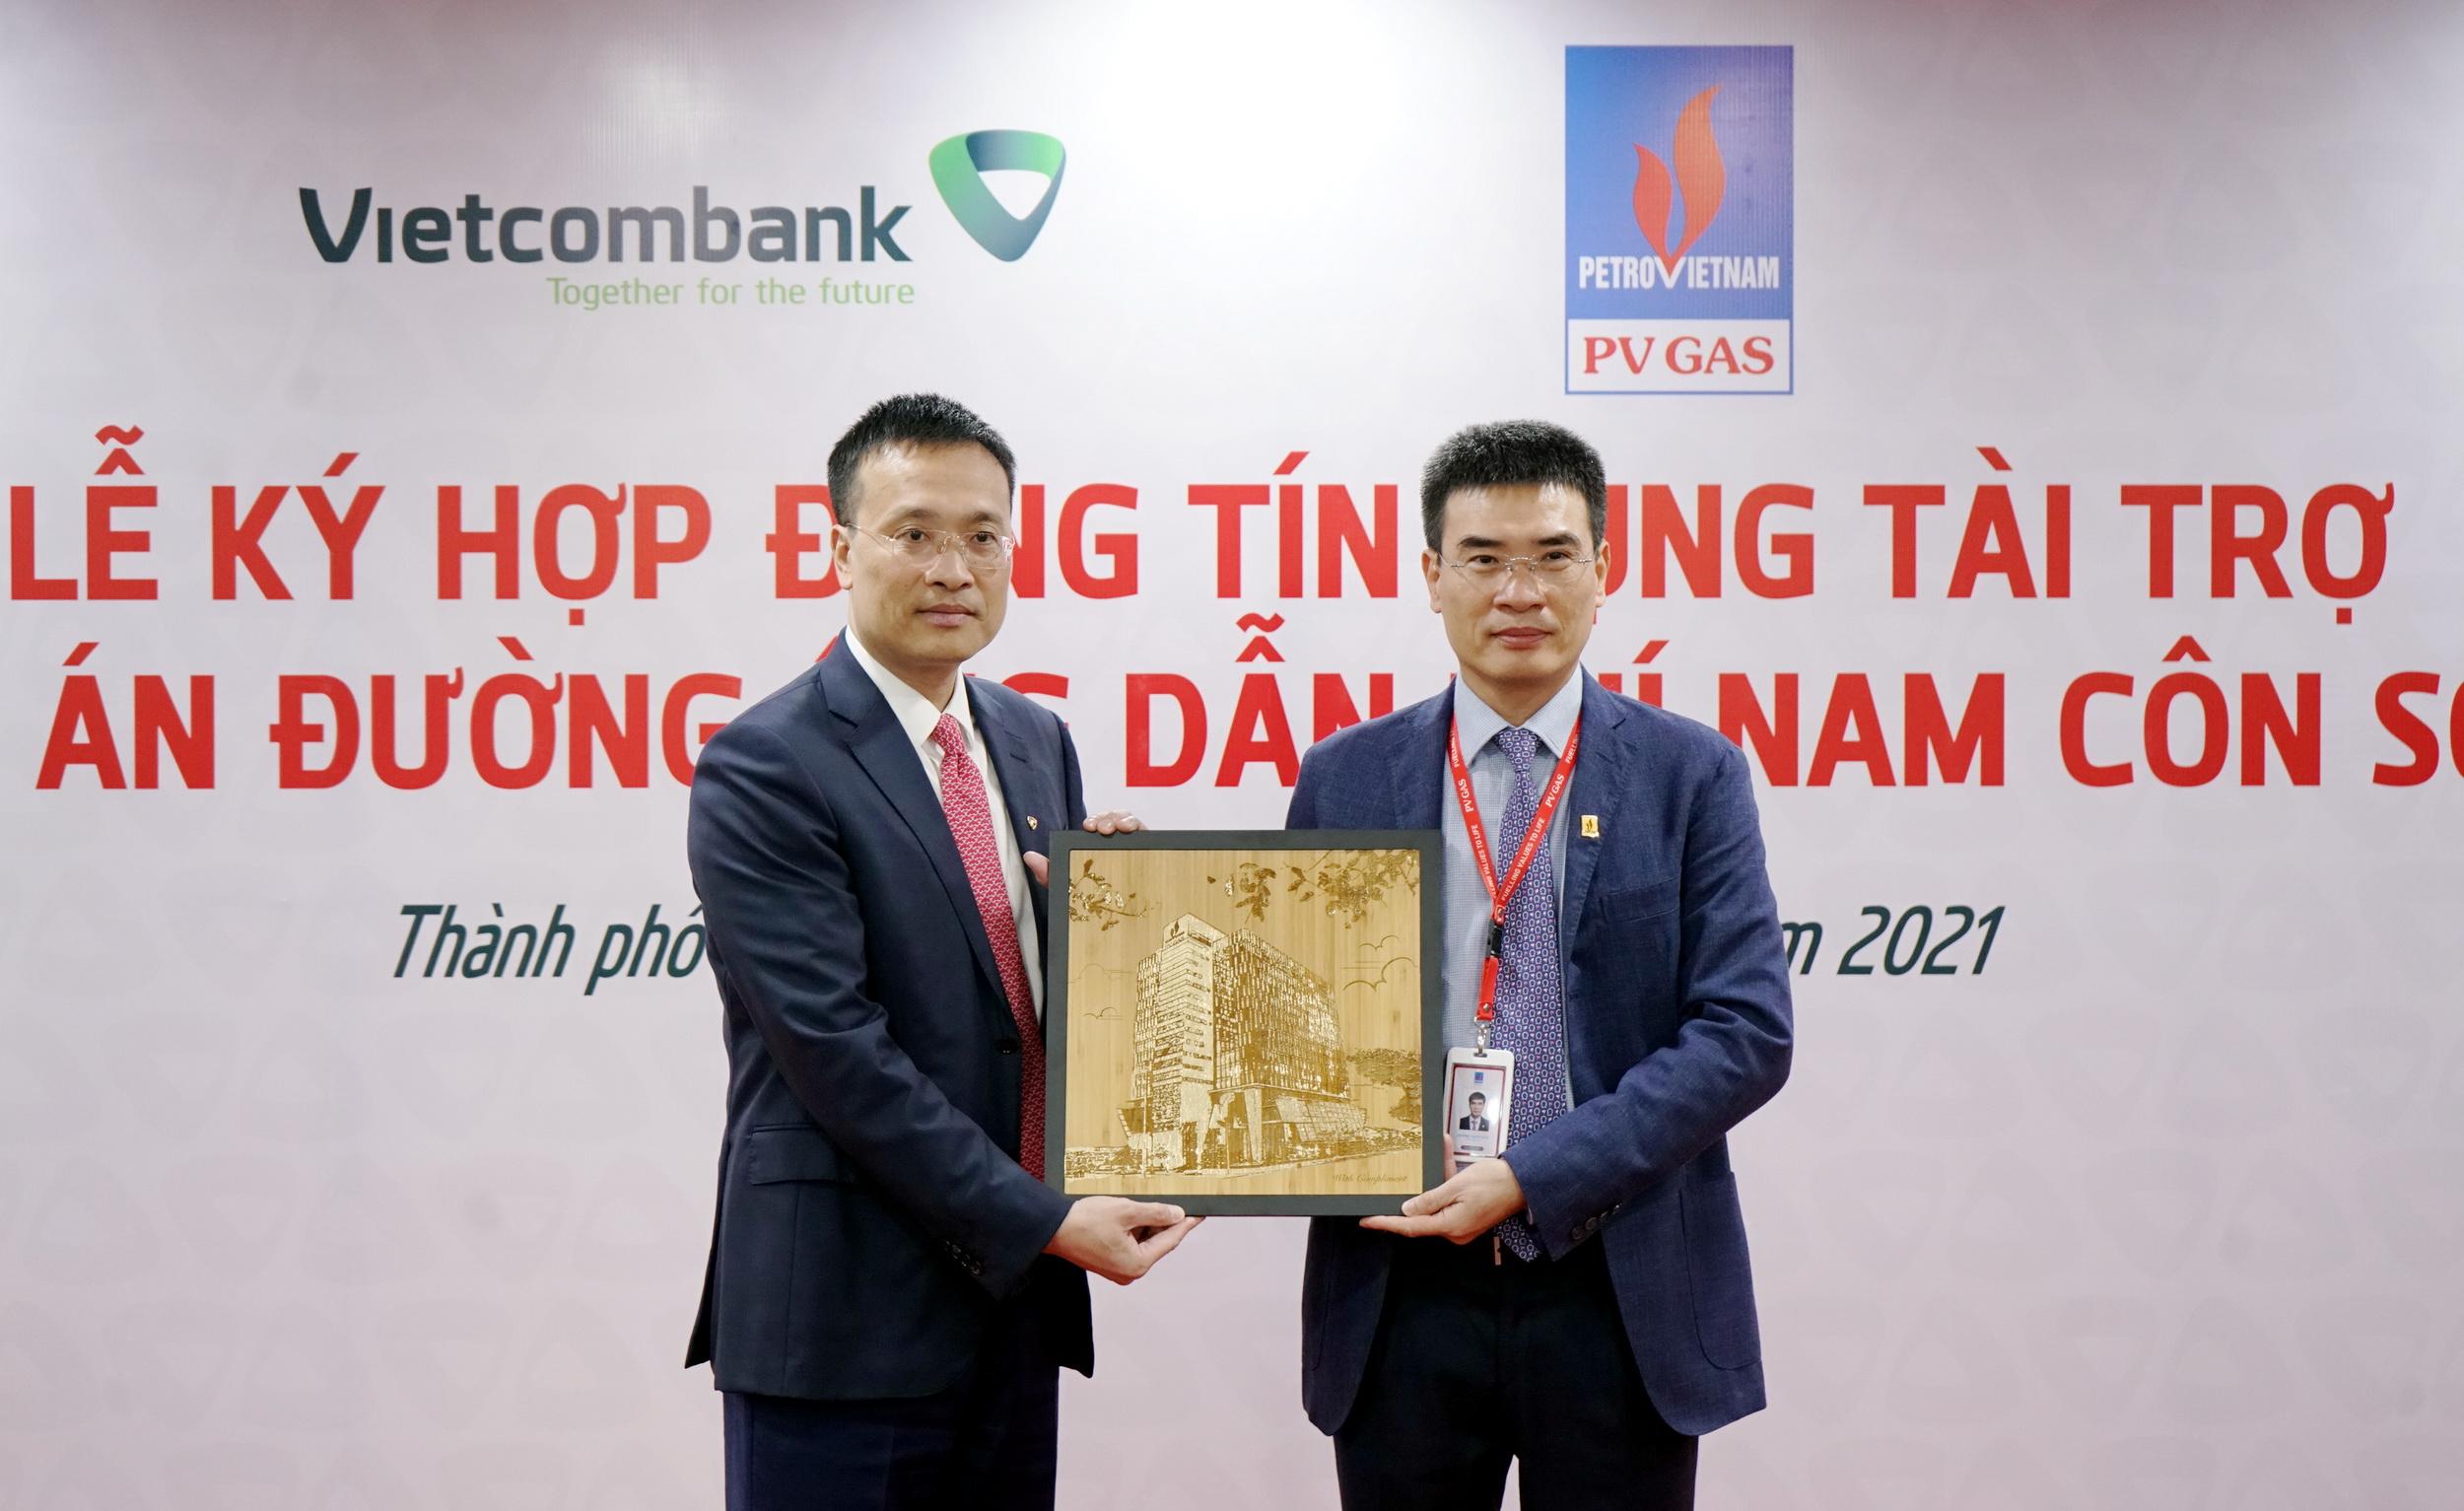 Lãnh đạo 2 doanh nghiệp trao nhận lưu niệm về một sự kiện quan trọng mở đầu cho năm mới 2021